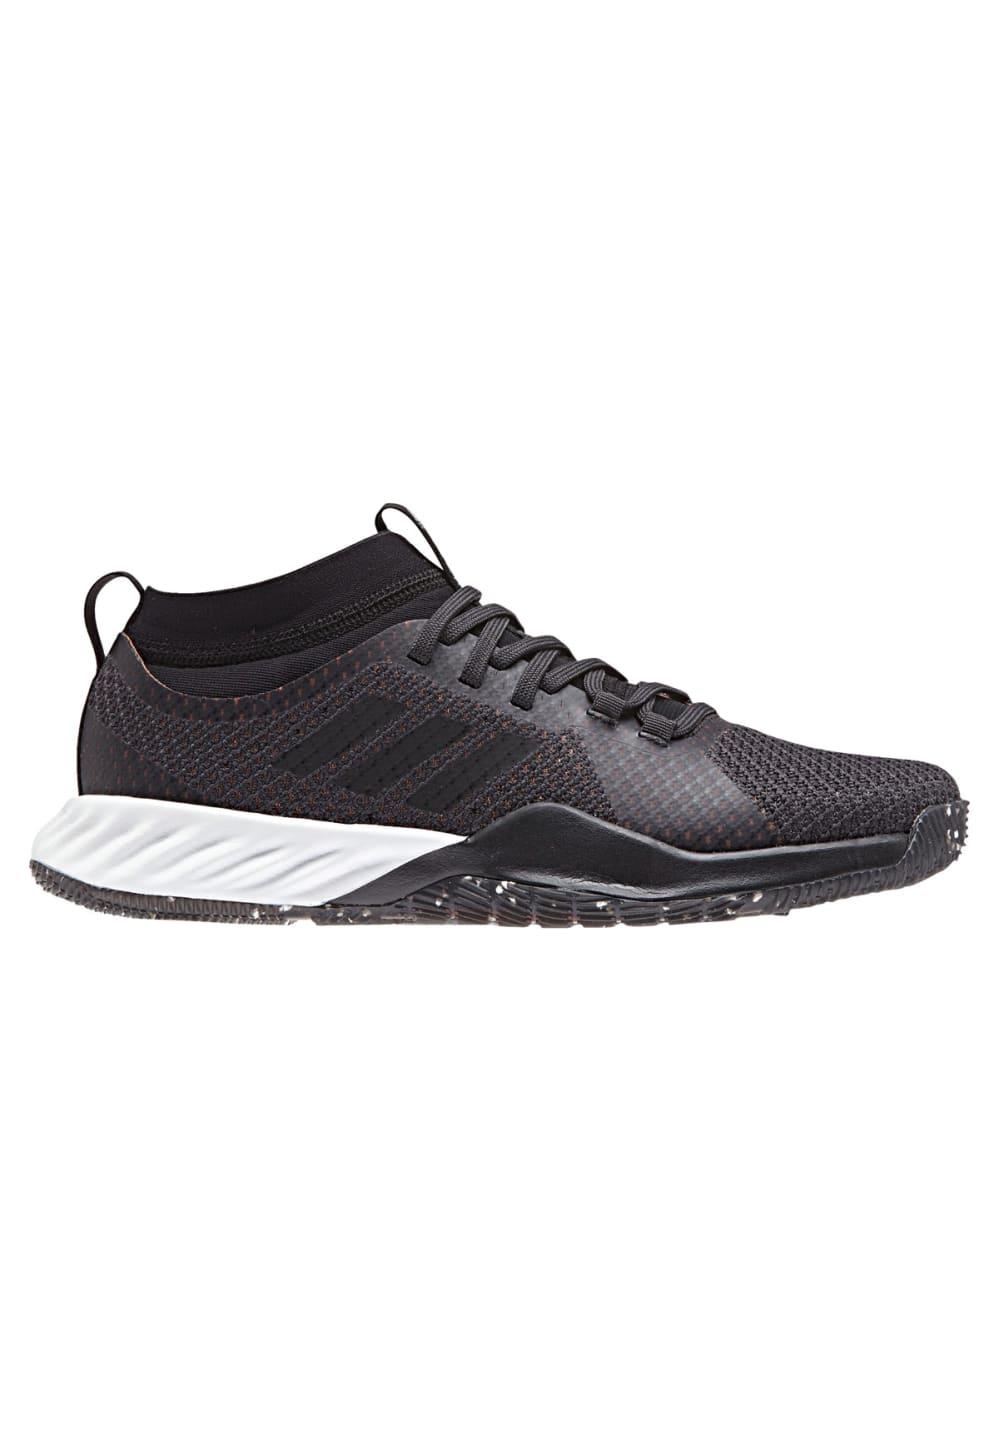 Chaussures Adidas Crazytrain Pour Noir 3 0 Pro Femme Fitness ZPXuki